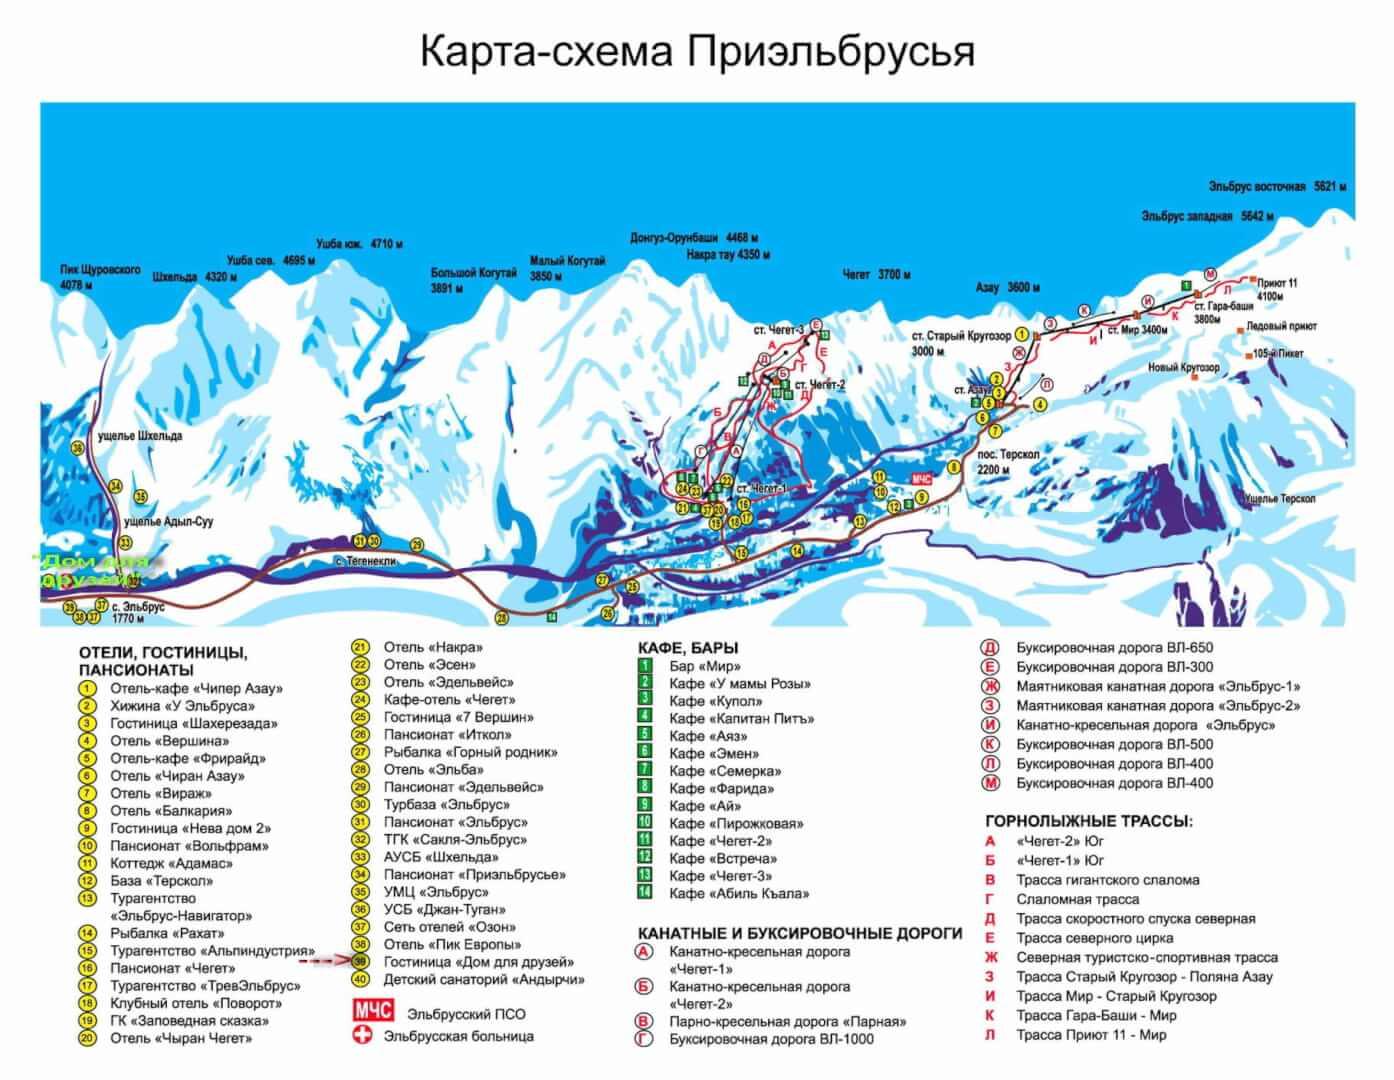 карта лыжных трасс на эльбрусе